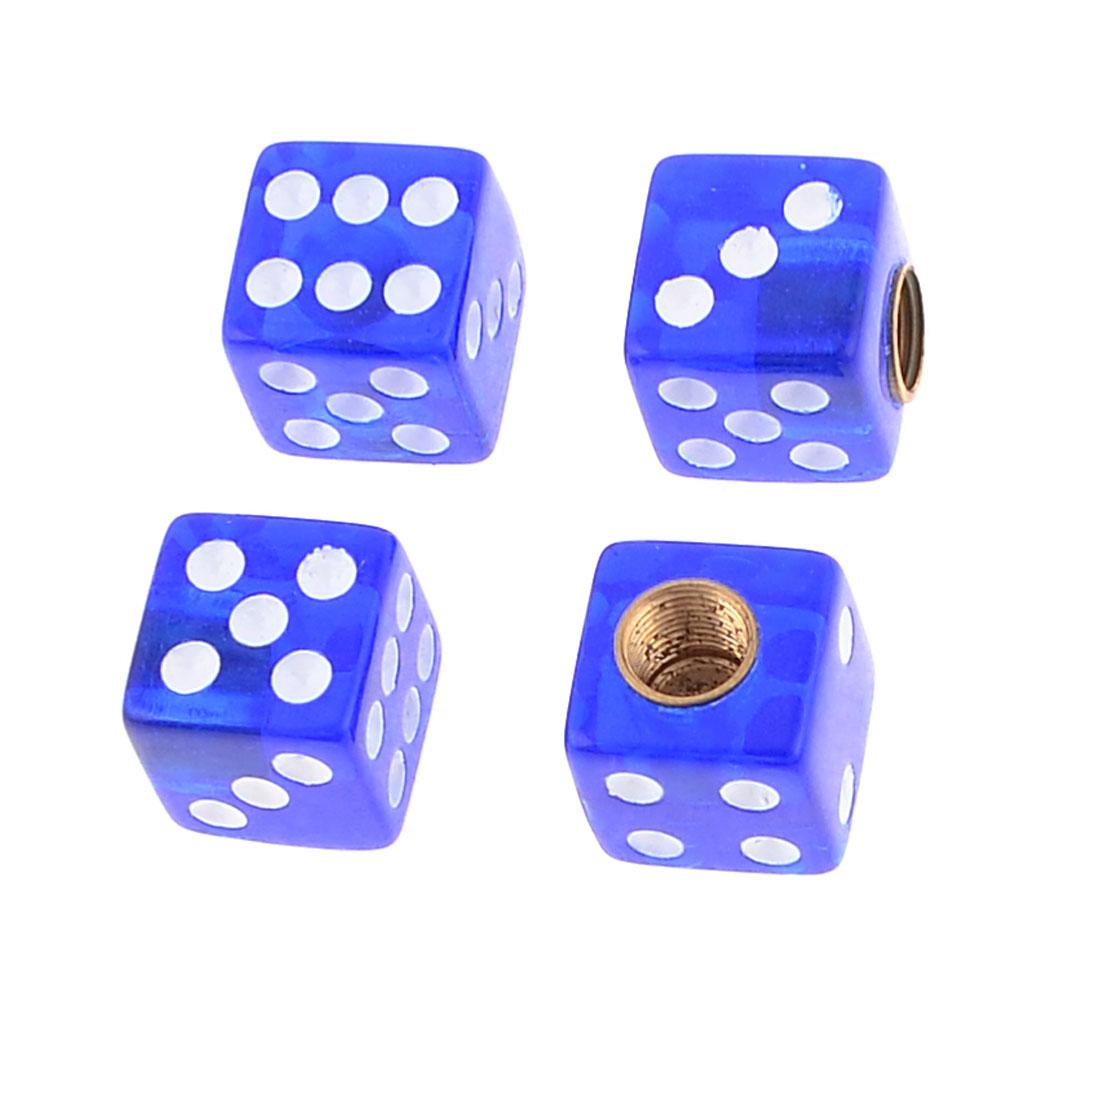 4 Pcs Blue Noctilucence Cube Dice Shape Tyre Valve Cap Cover